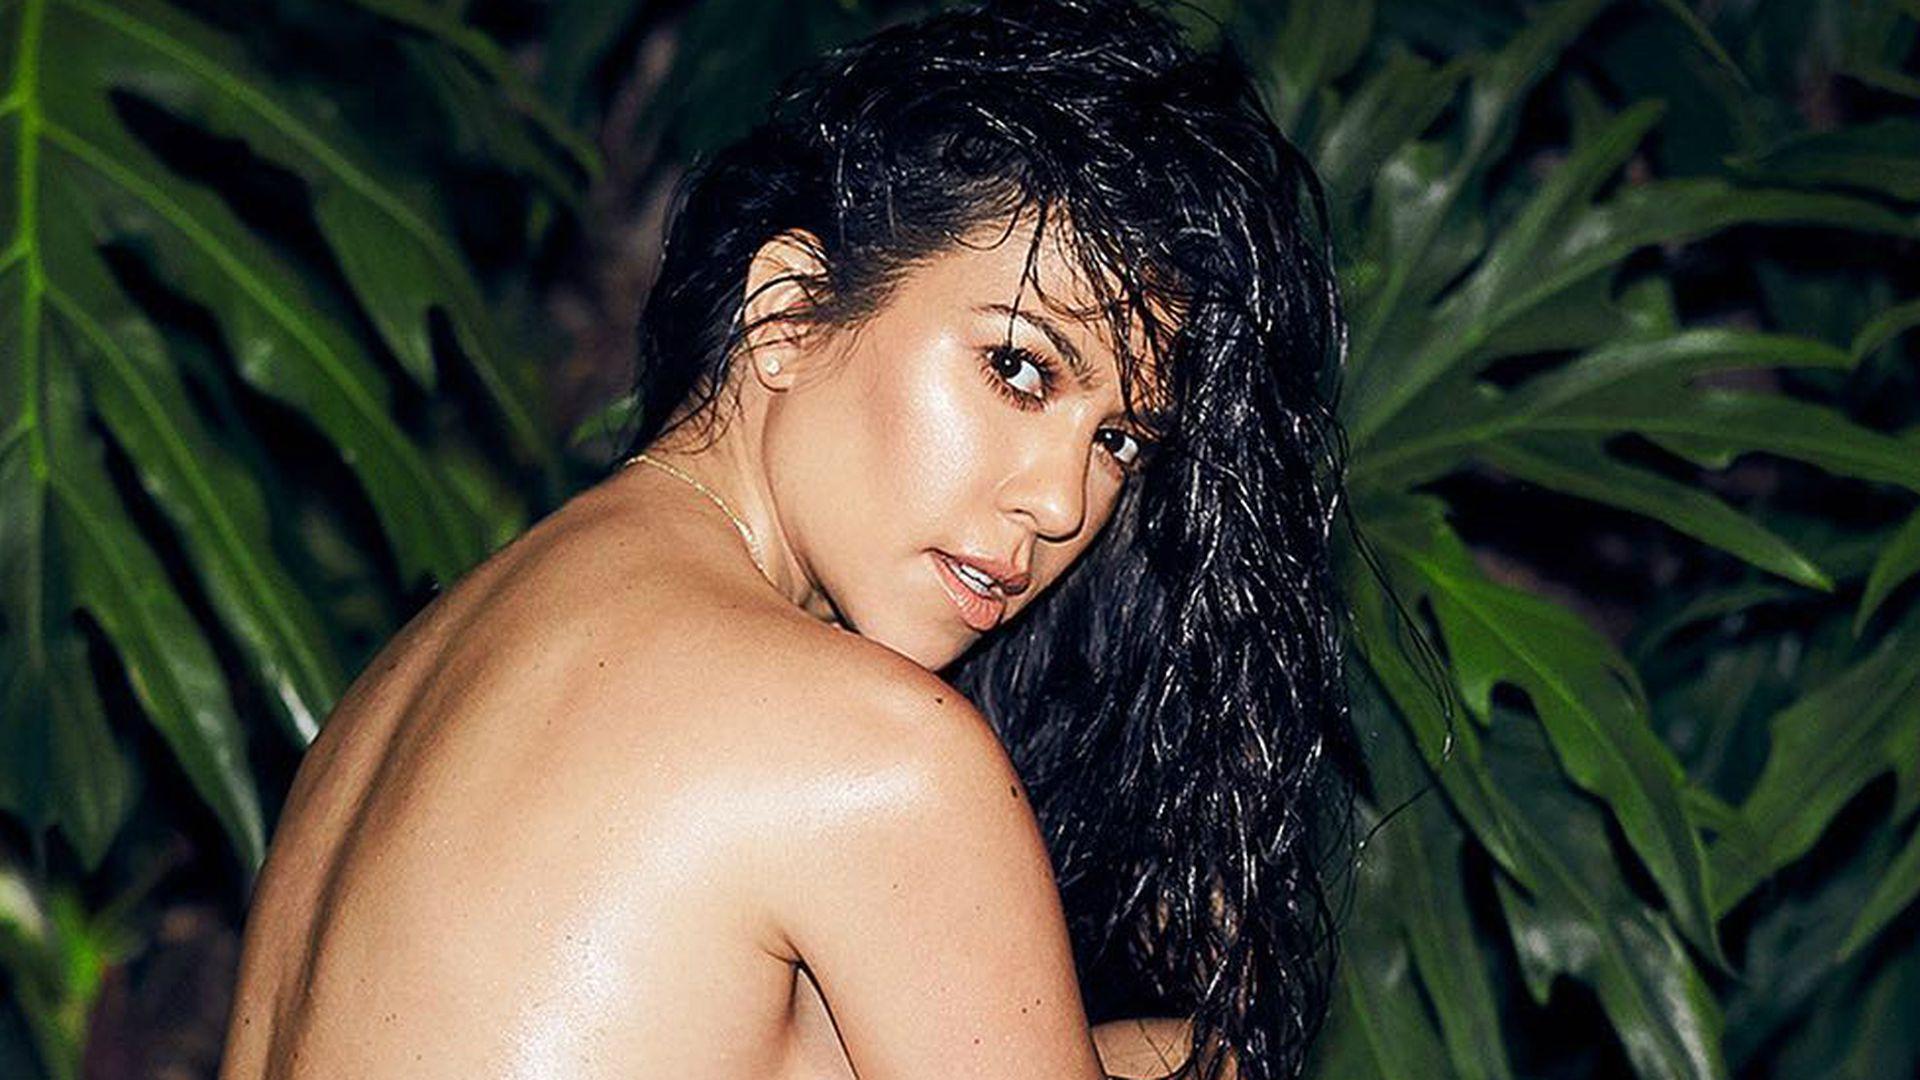 Mit Makeln: Kourtney Kardashian liebt ihren nackten Body